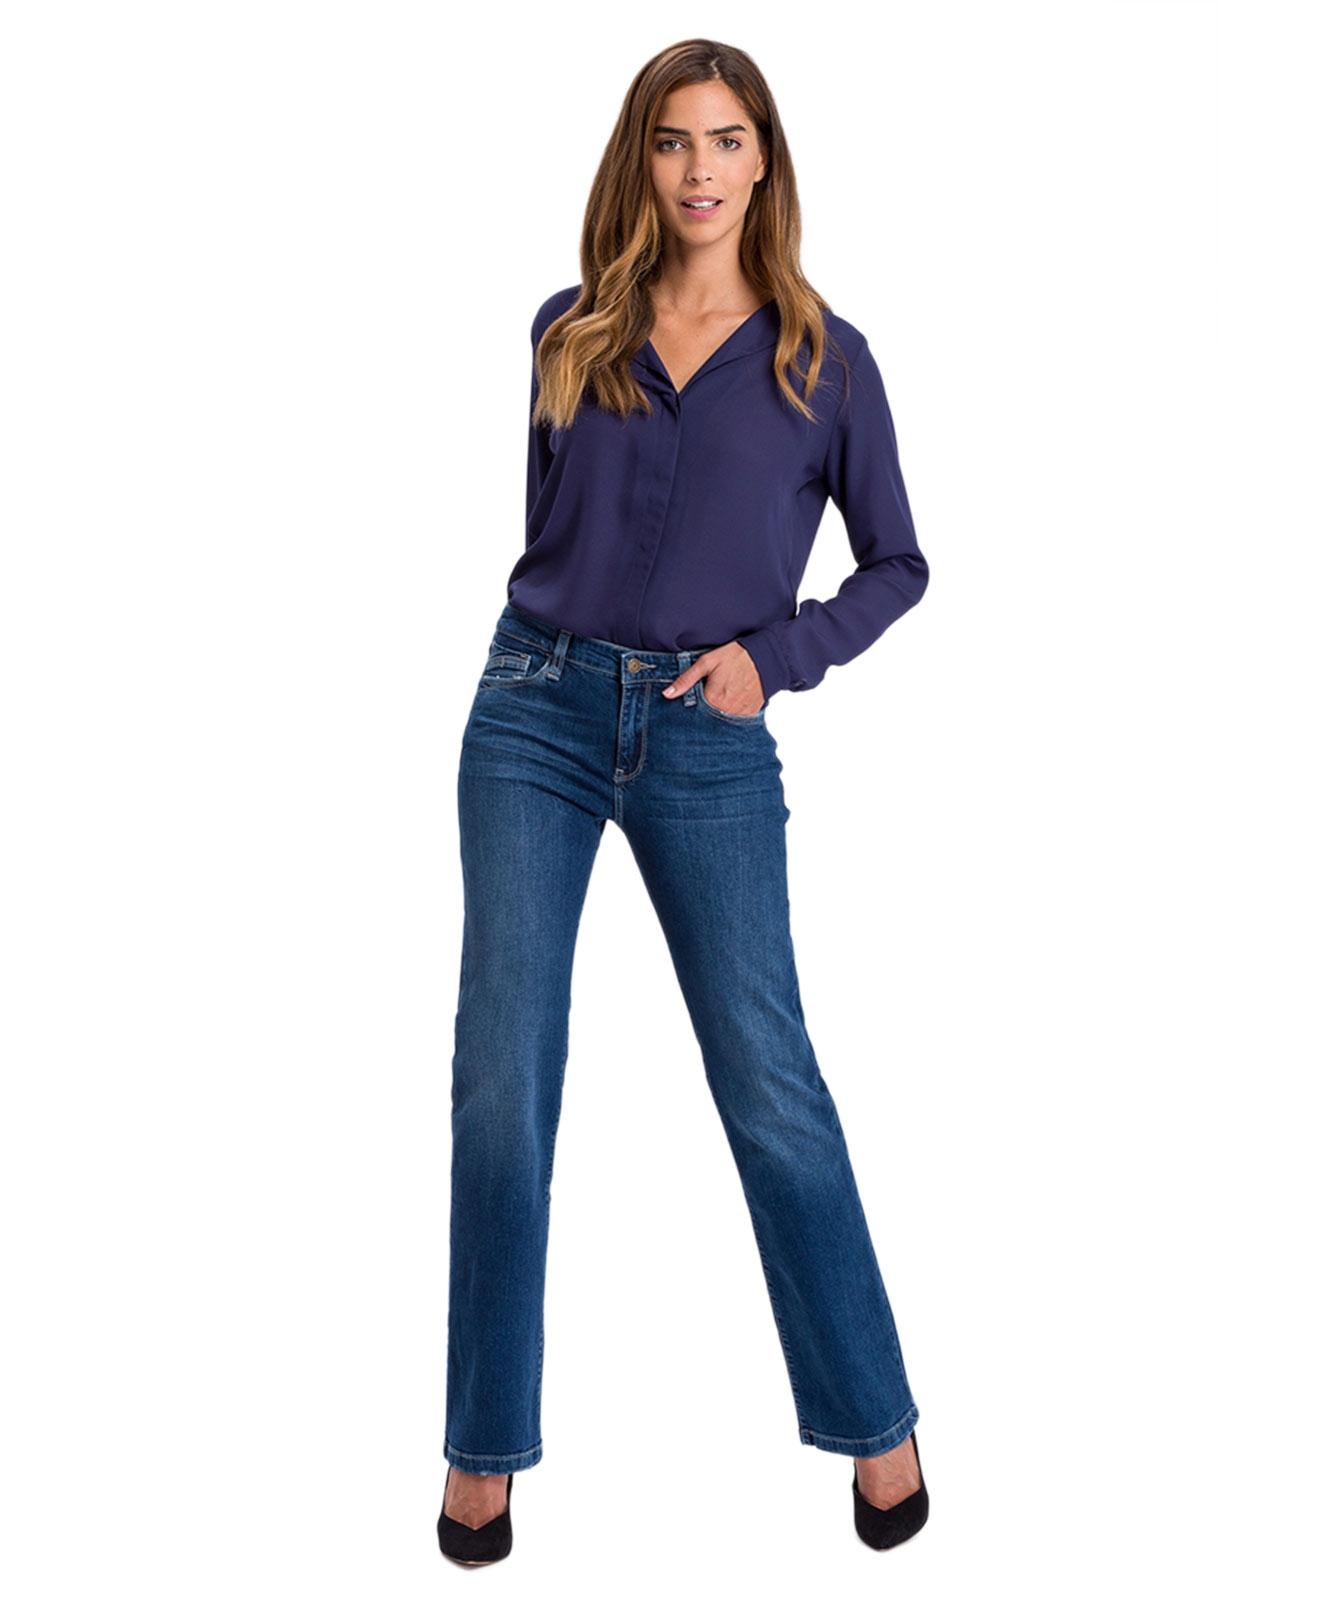 Hosen - Cross Bootcut Jeans Lauren in Darl Blue Used  - Onlineshop Jeans Meile